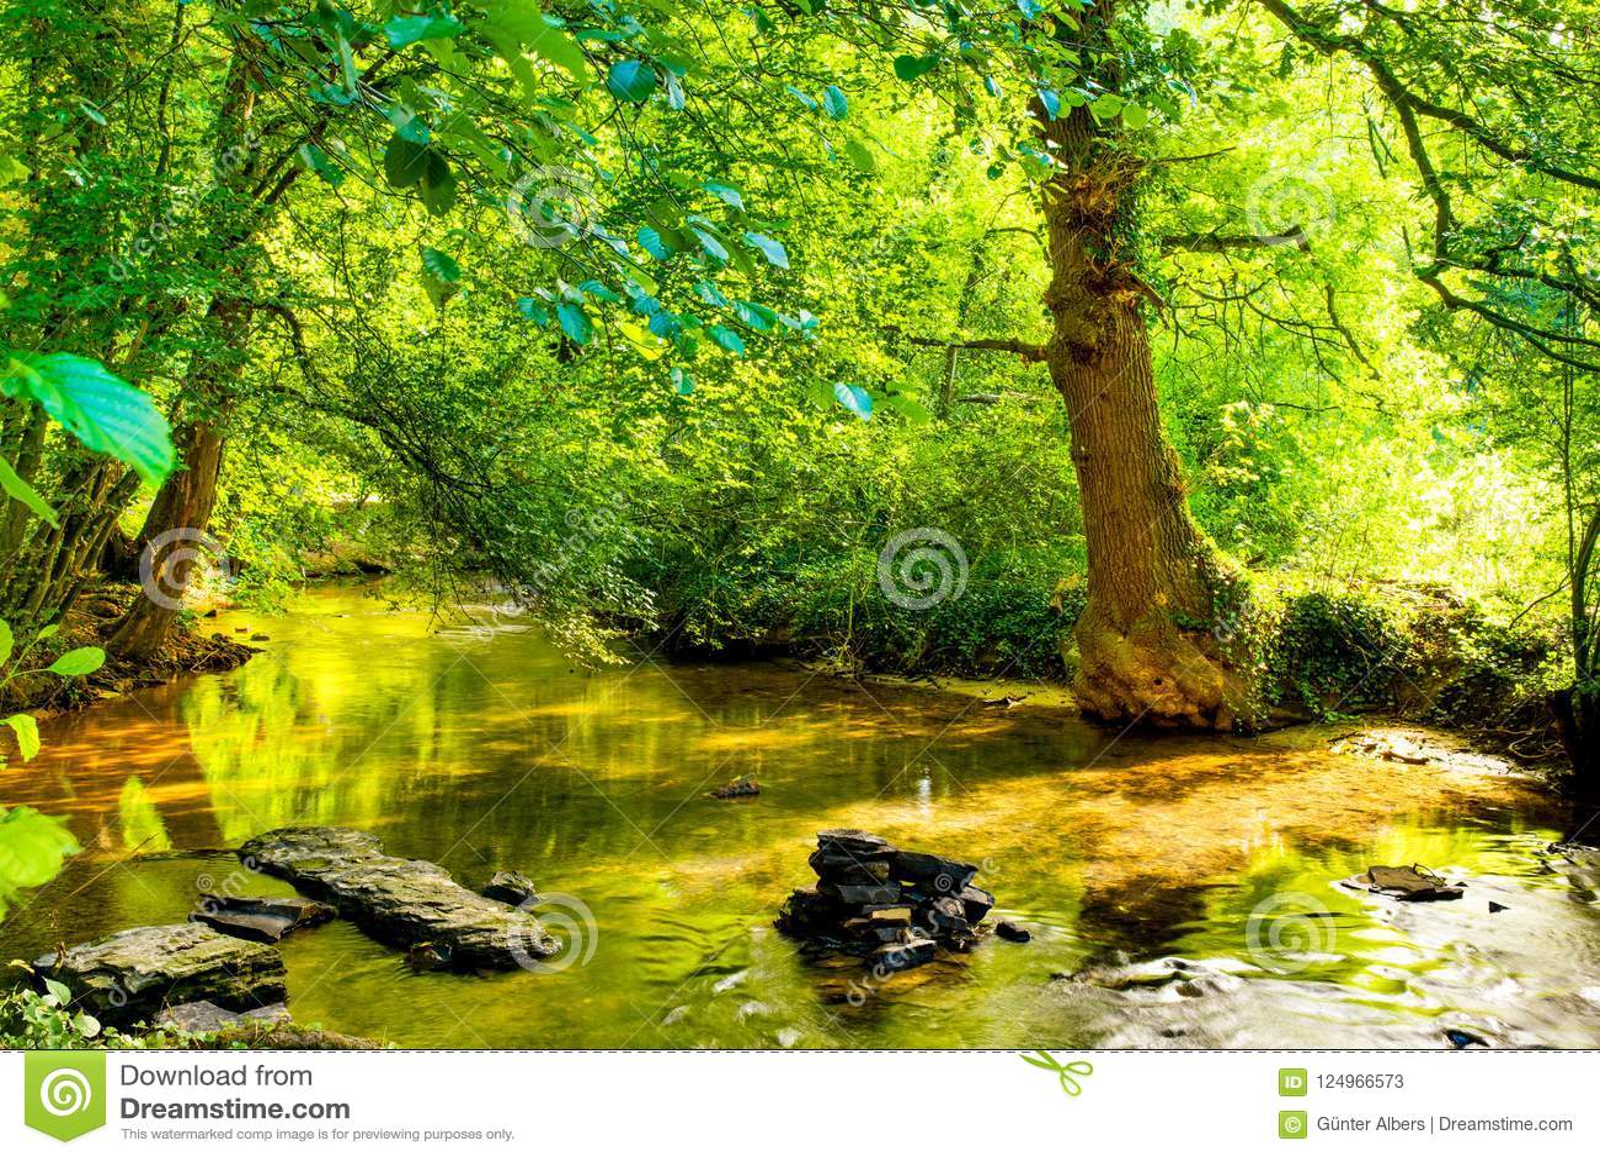 Skog med bäcken